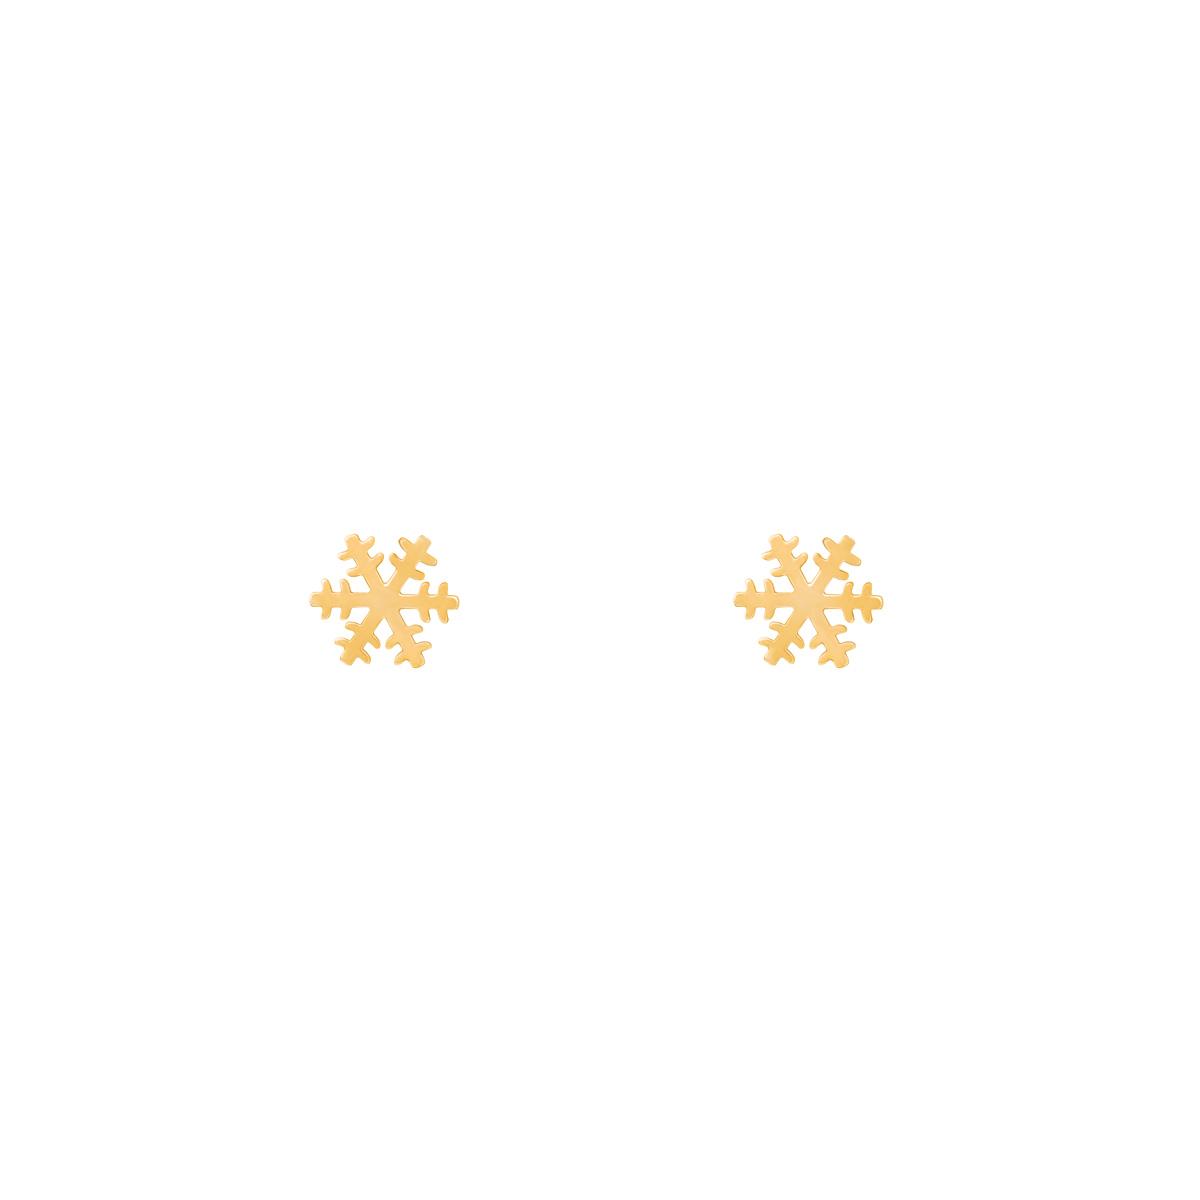 گوشواره طلا دانه برف